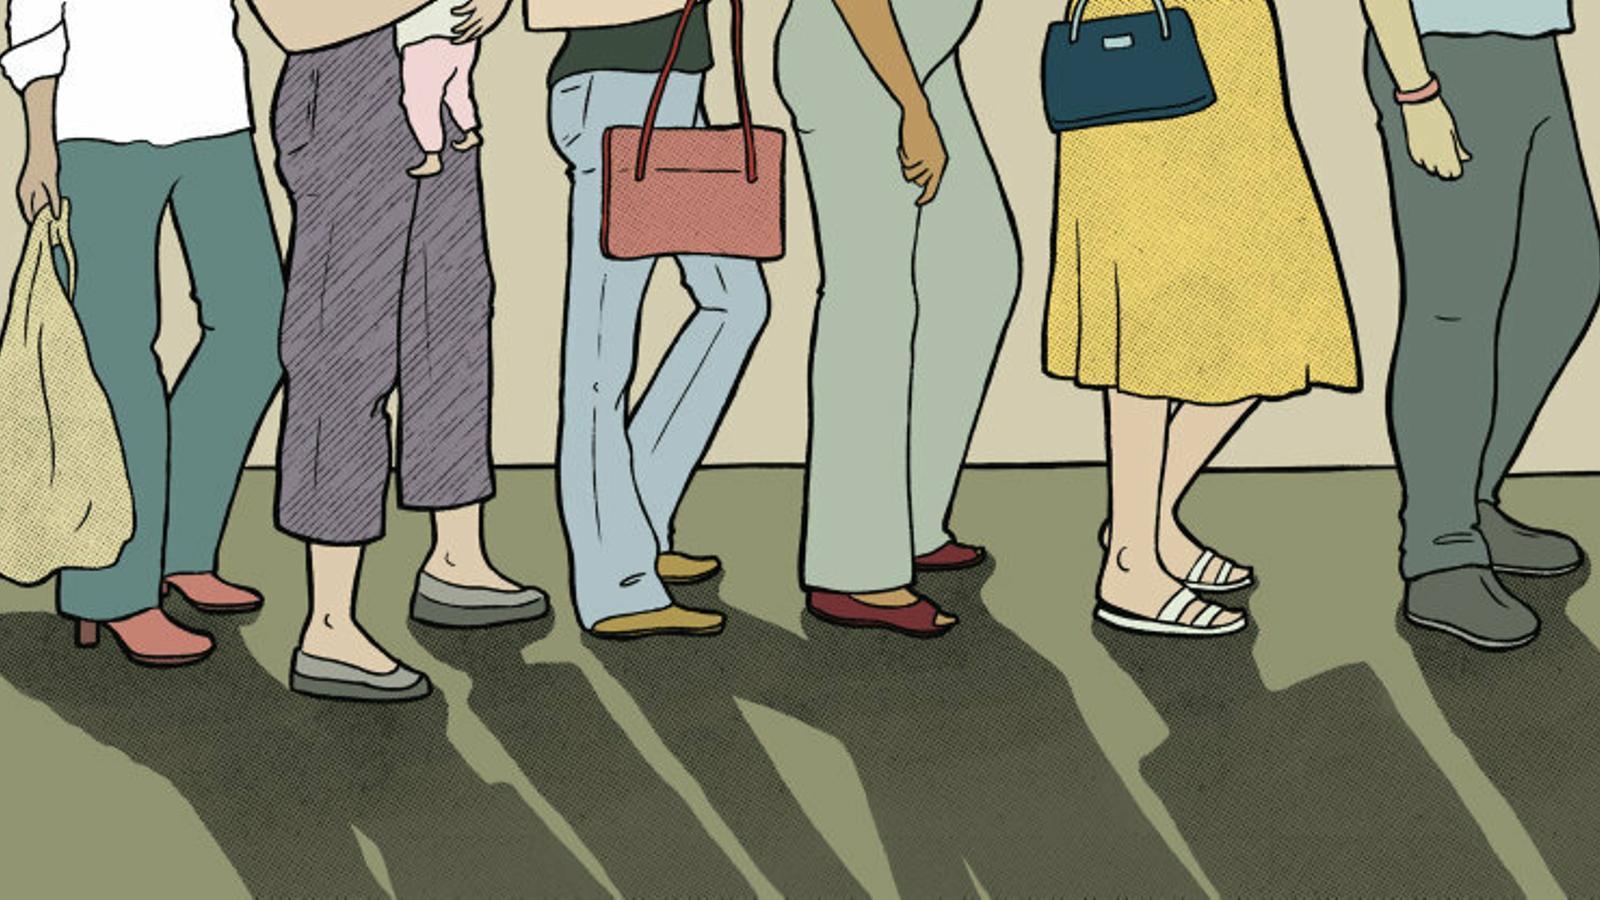 Cues als lavabos de dones,  una discriminació més